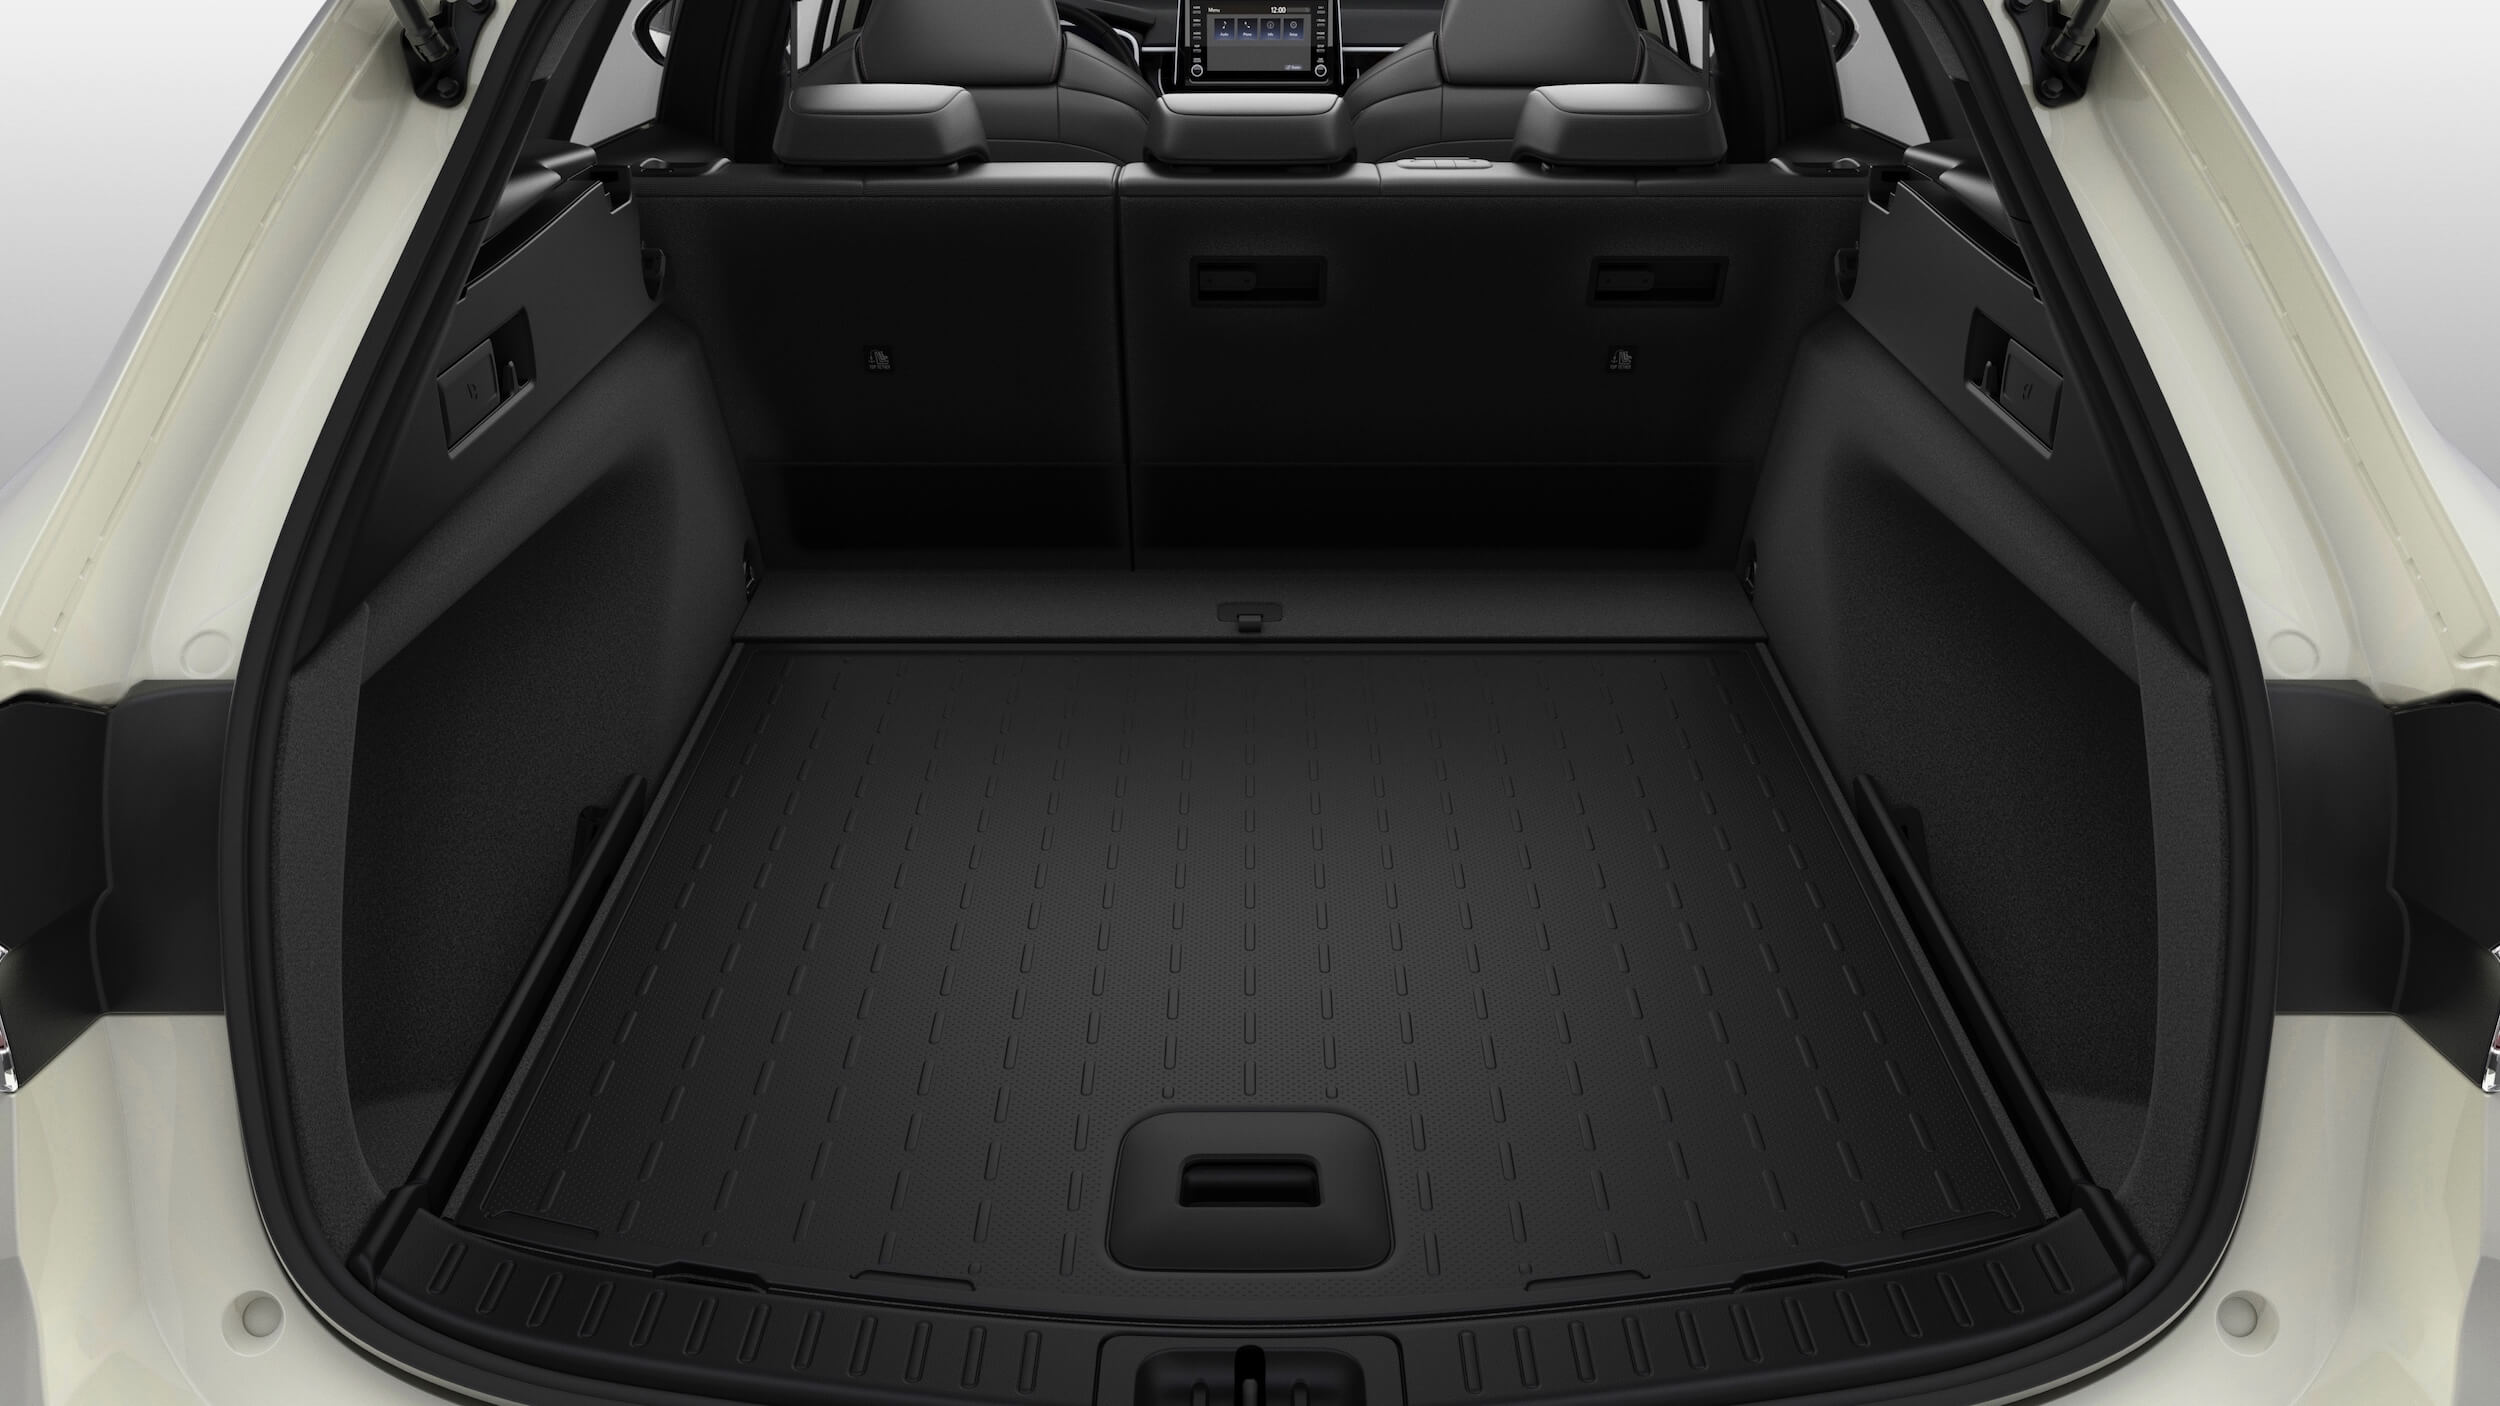 Suzuki Swace hybride koffer